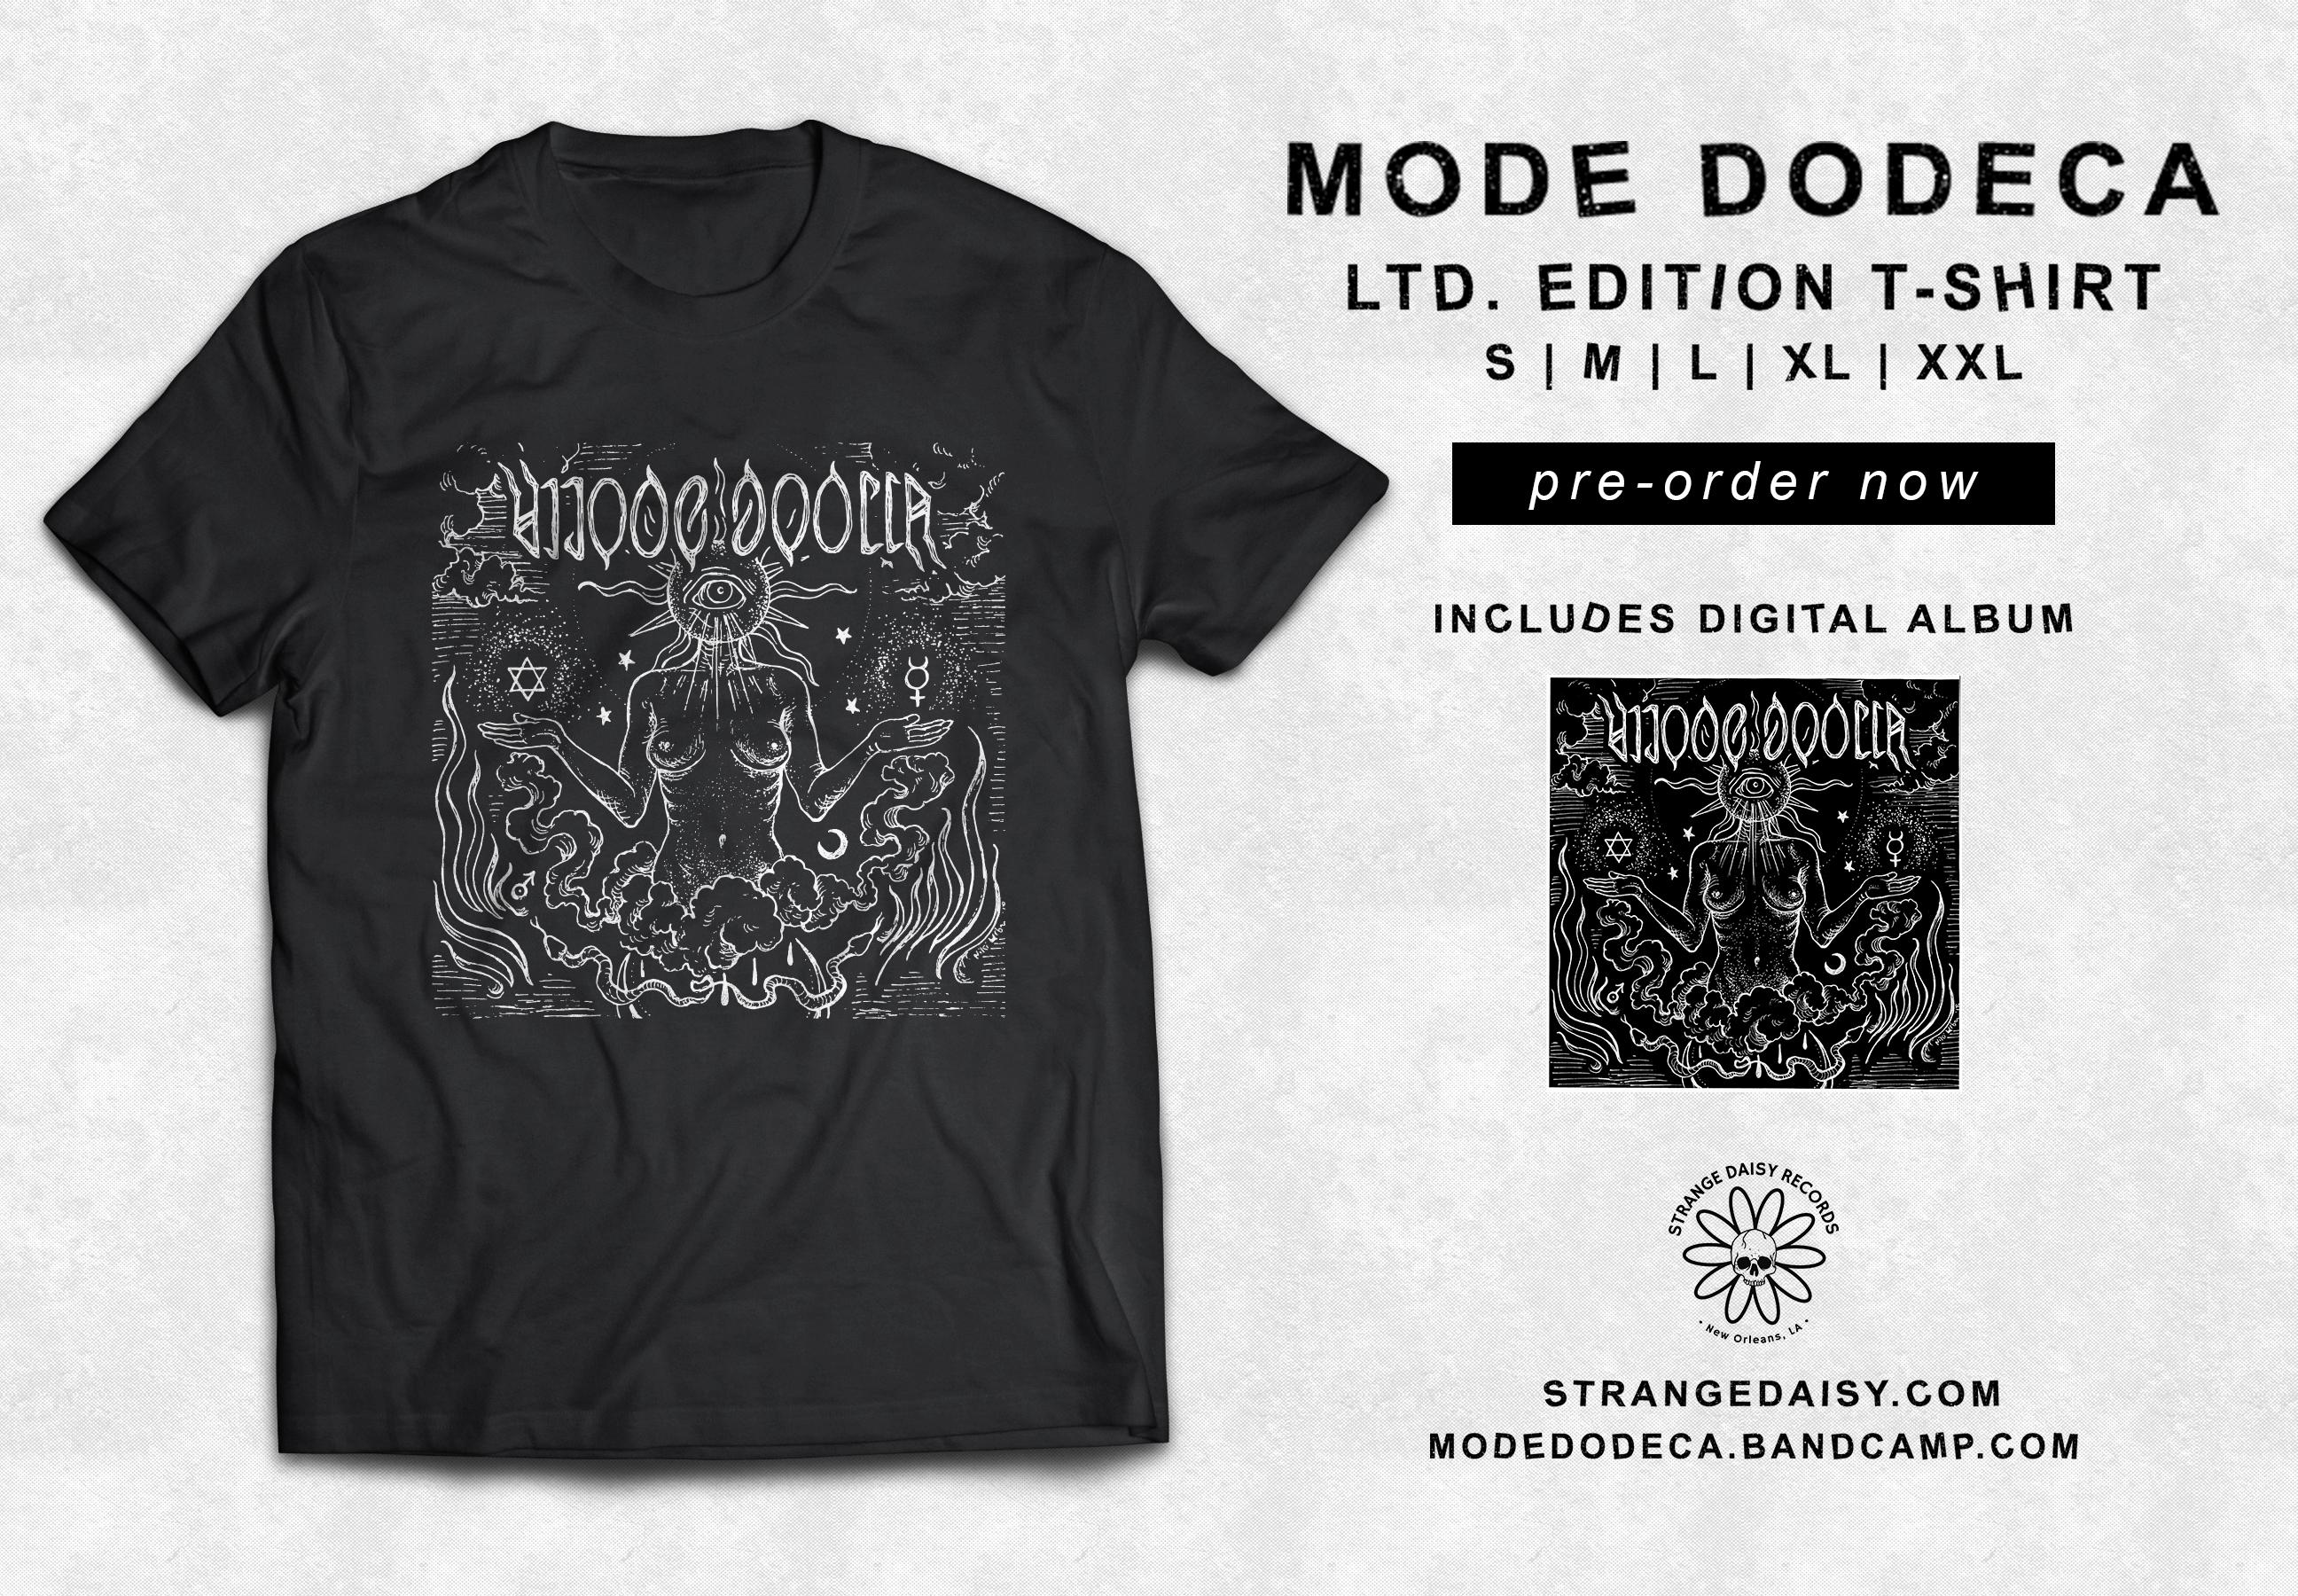 Mode Dodeca T-Shirt